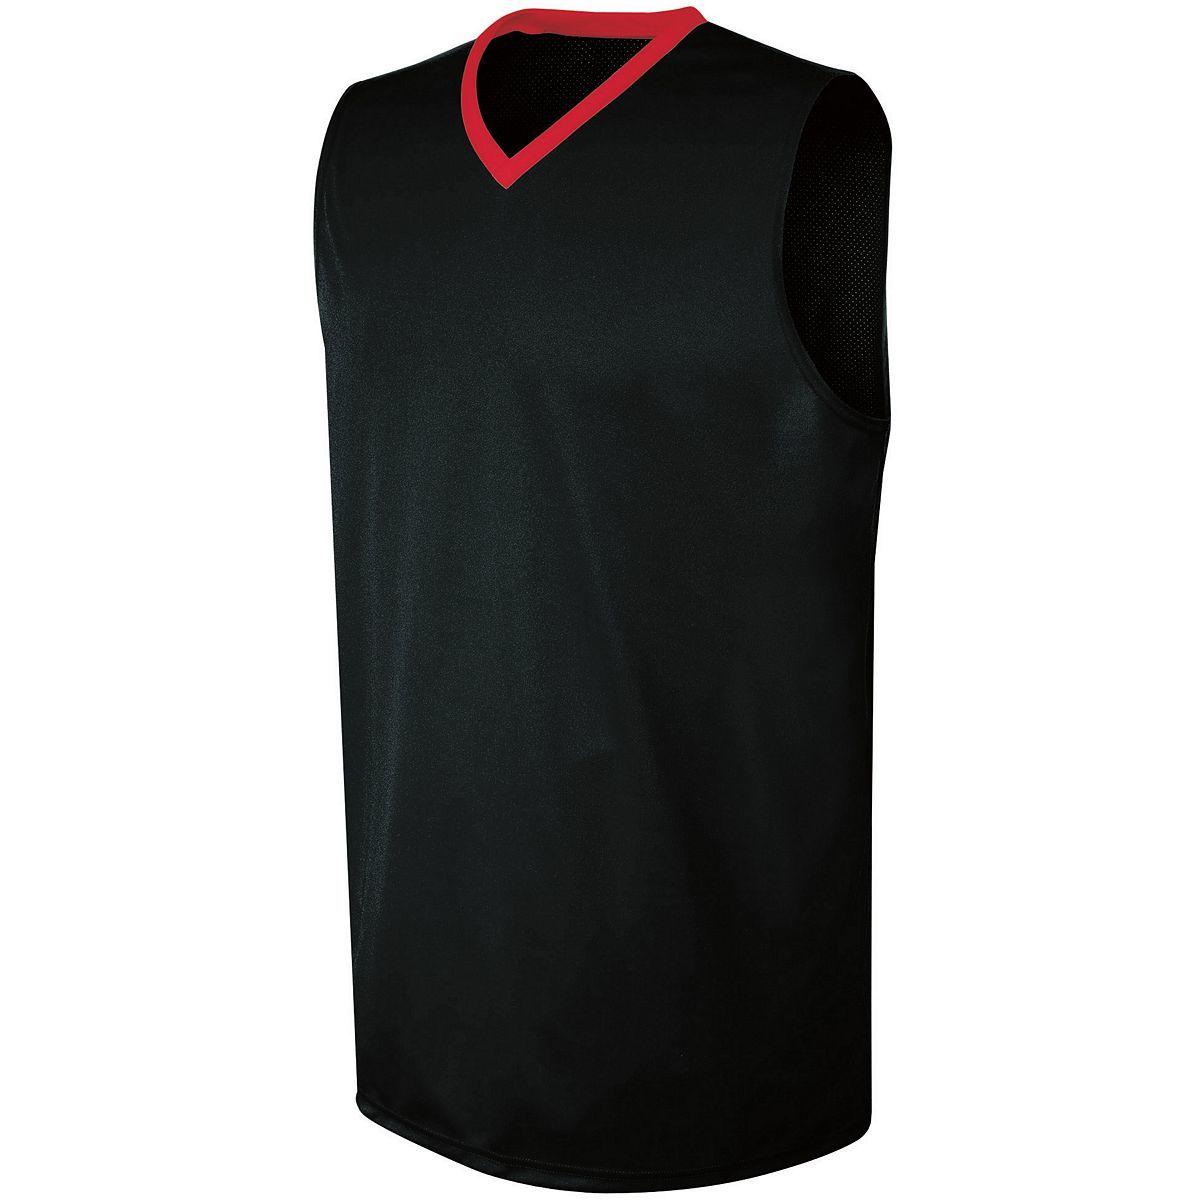 Ladies Transition Jersey - BLACK/SCARLET